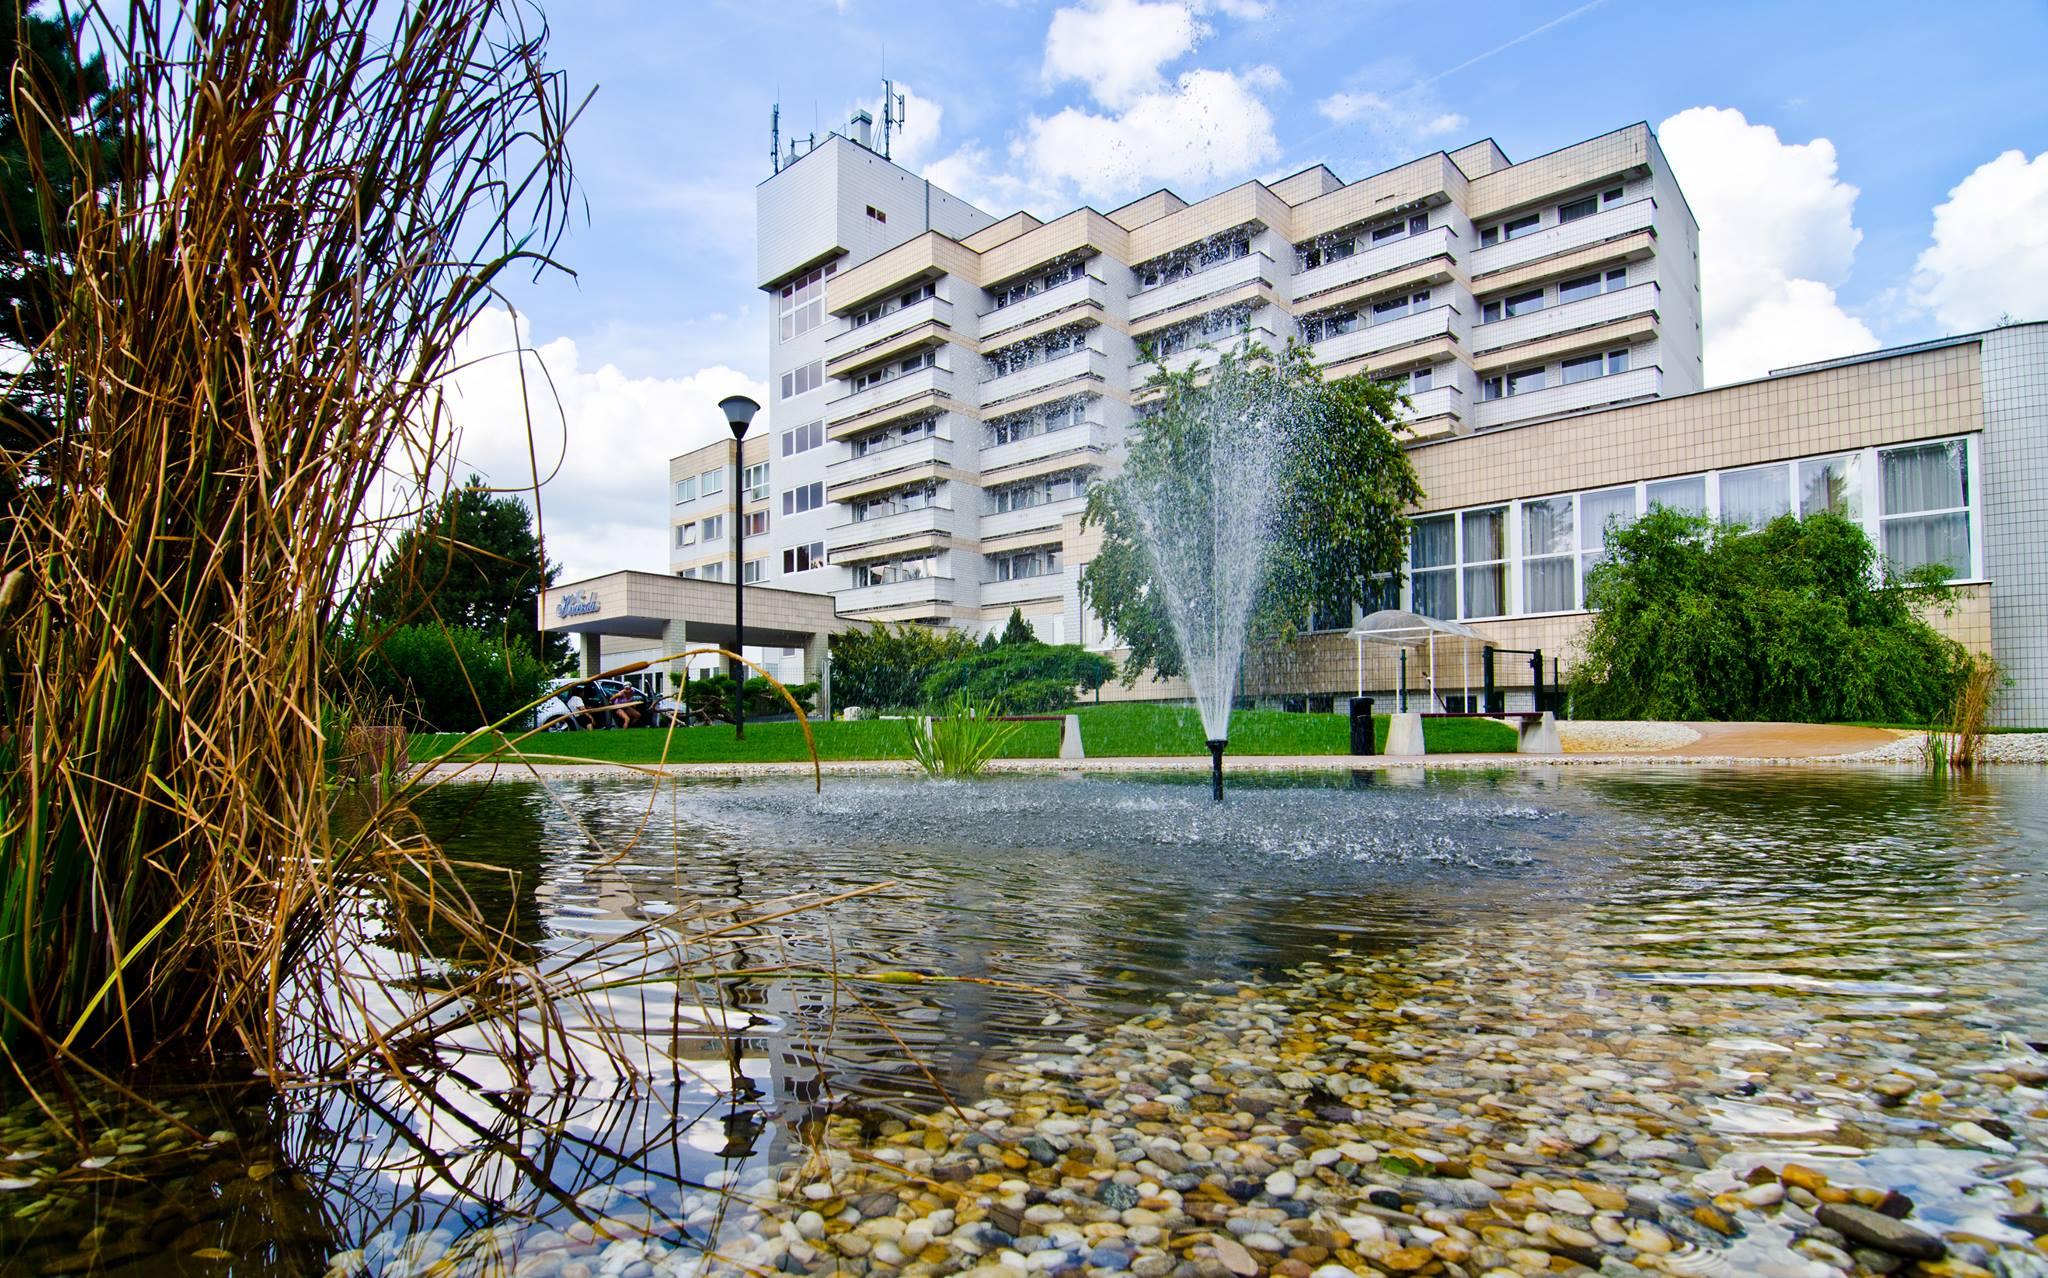 Hotel HVIEZDA - užite si nezabudnuteľ - Katalóg firiem  256d4e7973